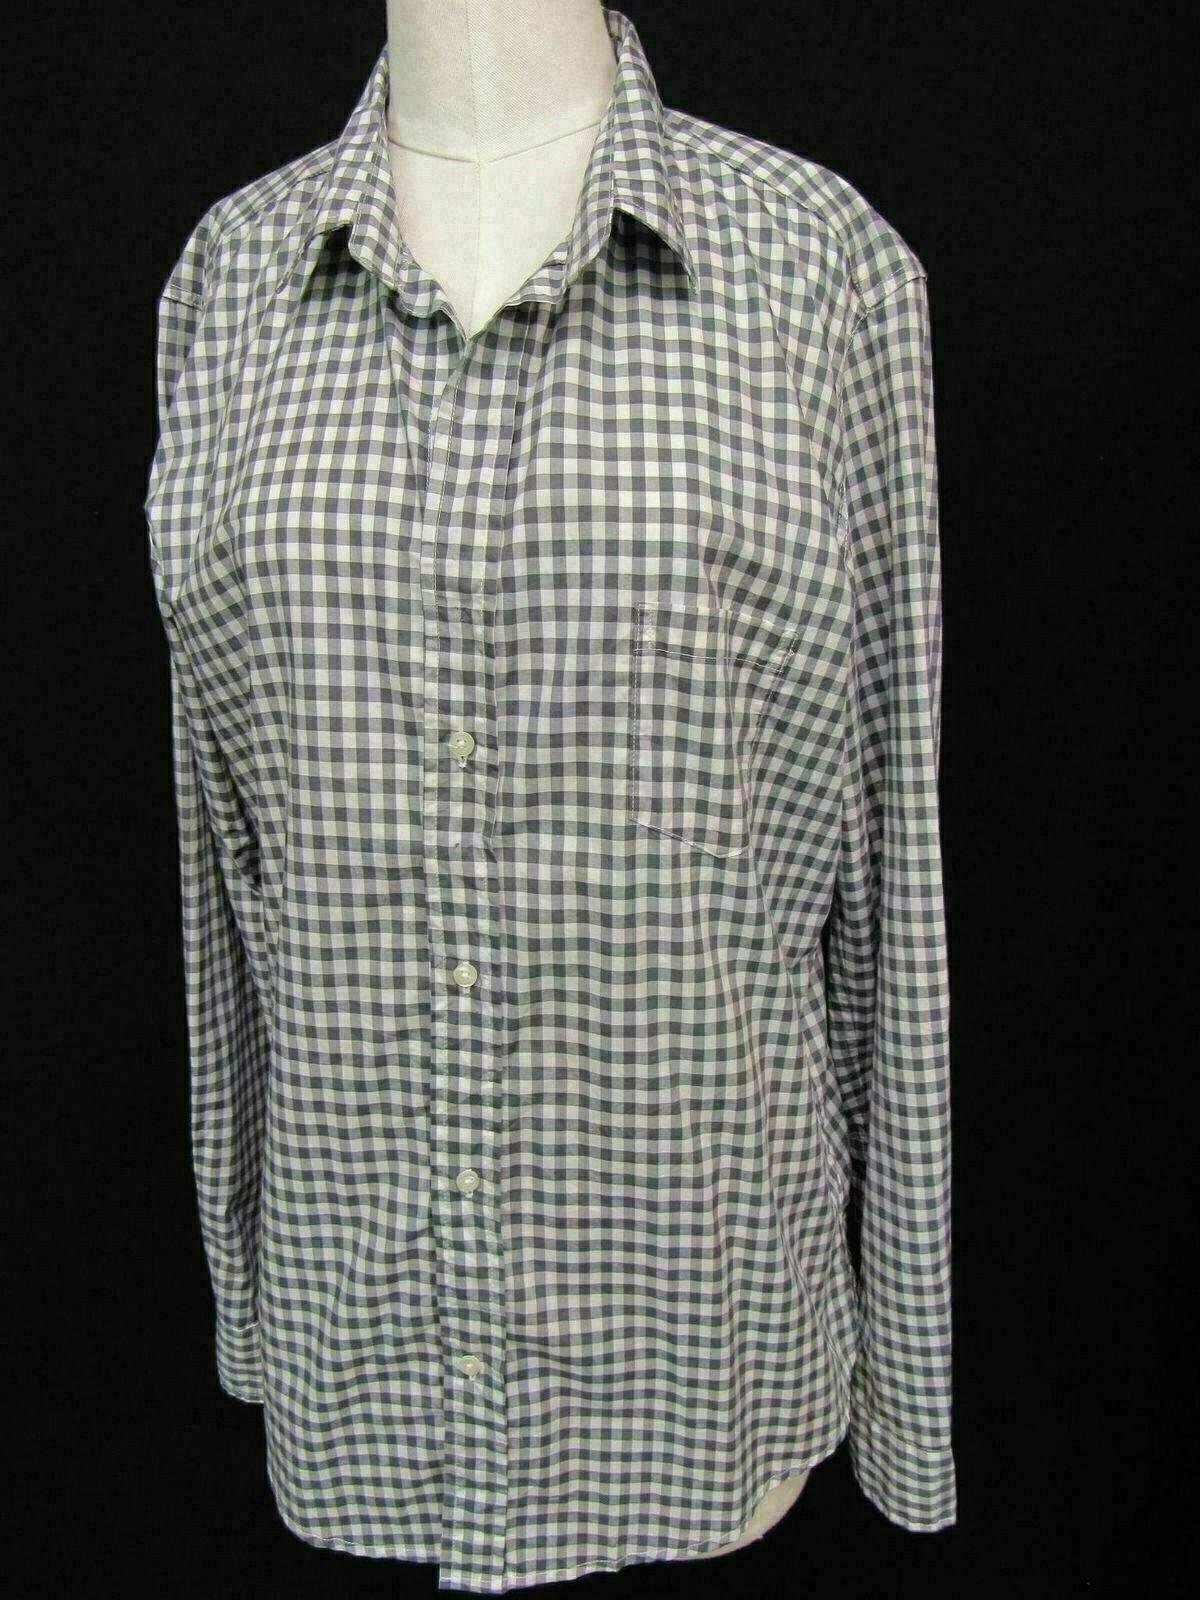 Frank & Eileen grau Weiß Check Gingham Barry Cotton Long Sleeve Top Shirt XL